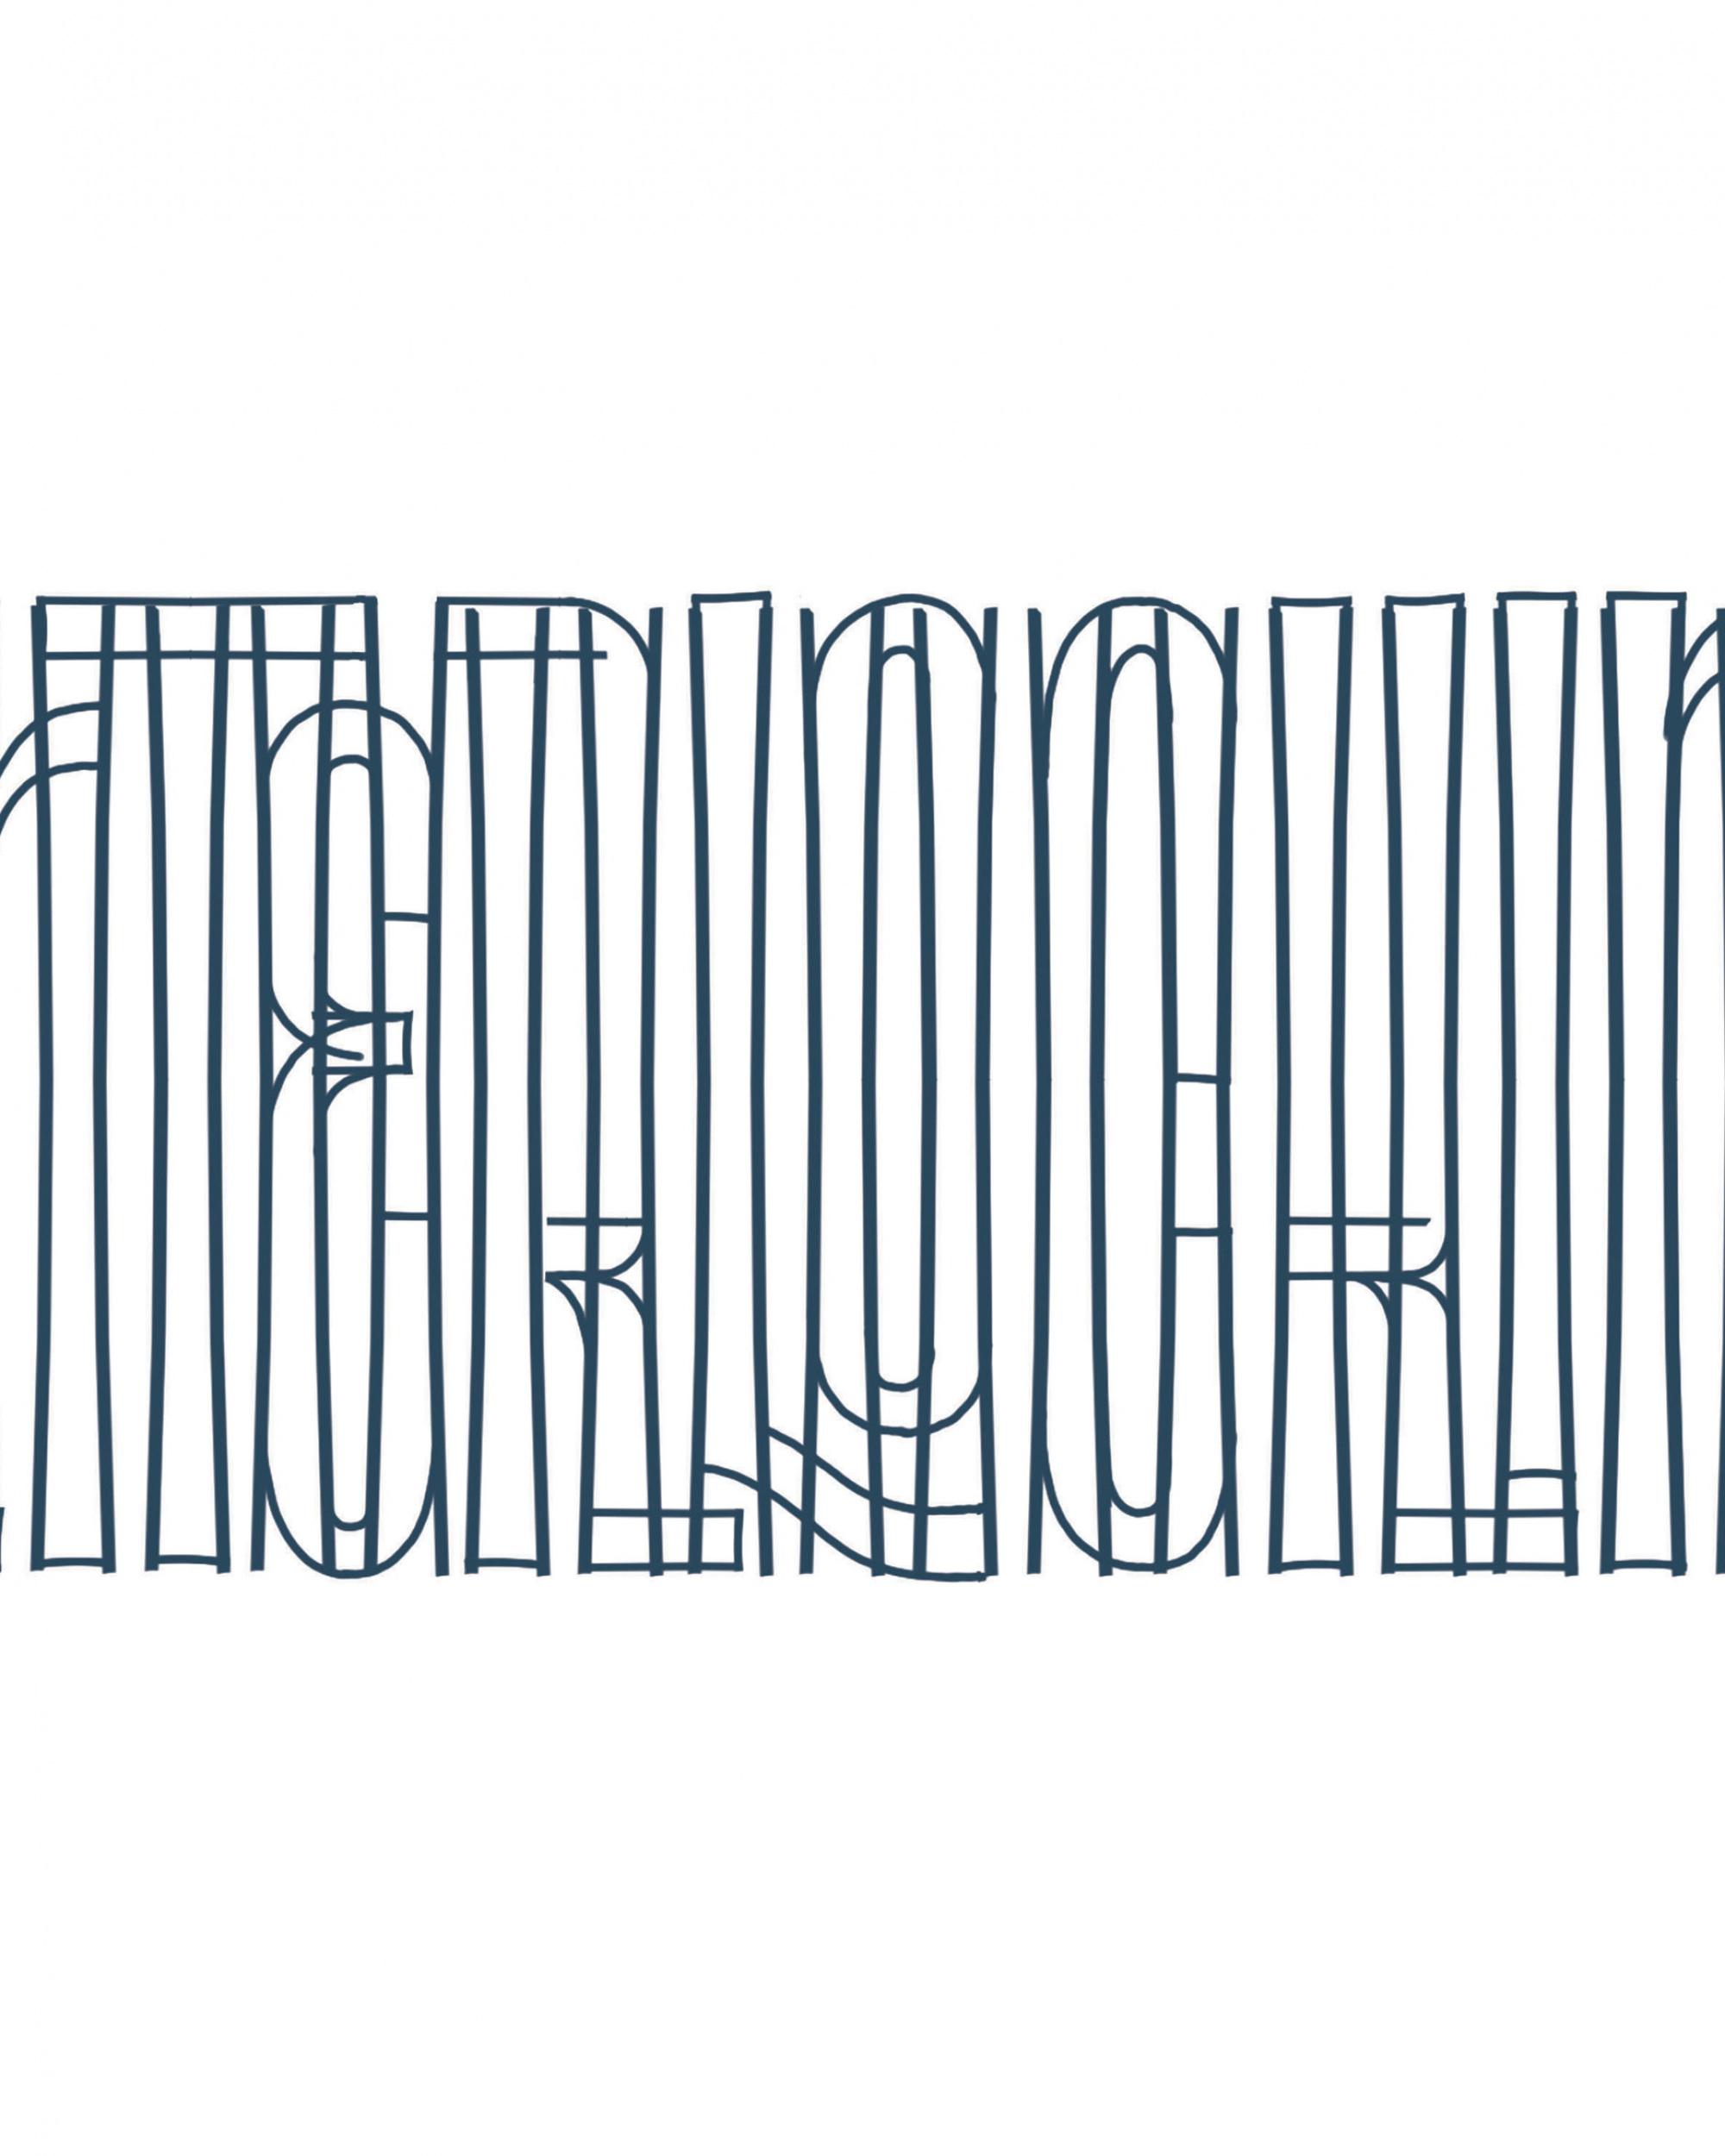 grafisch inspiratieboek hand lettering 5